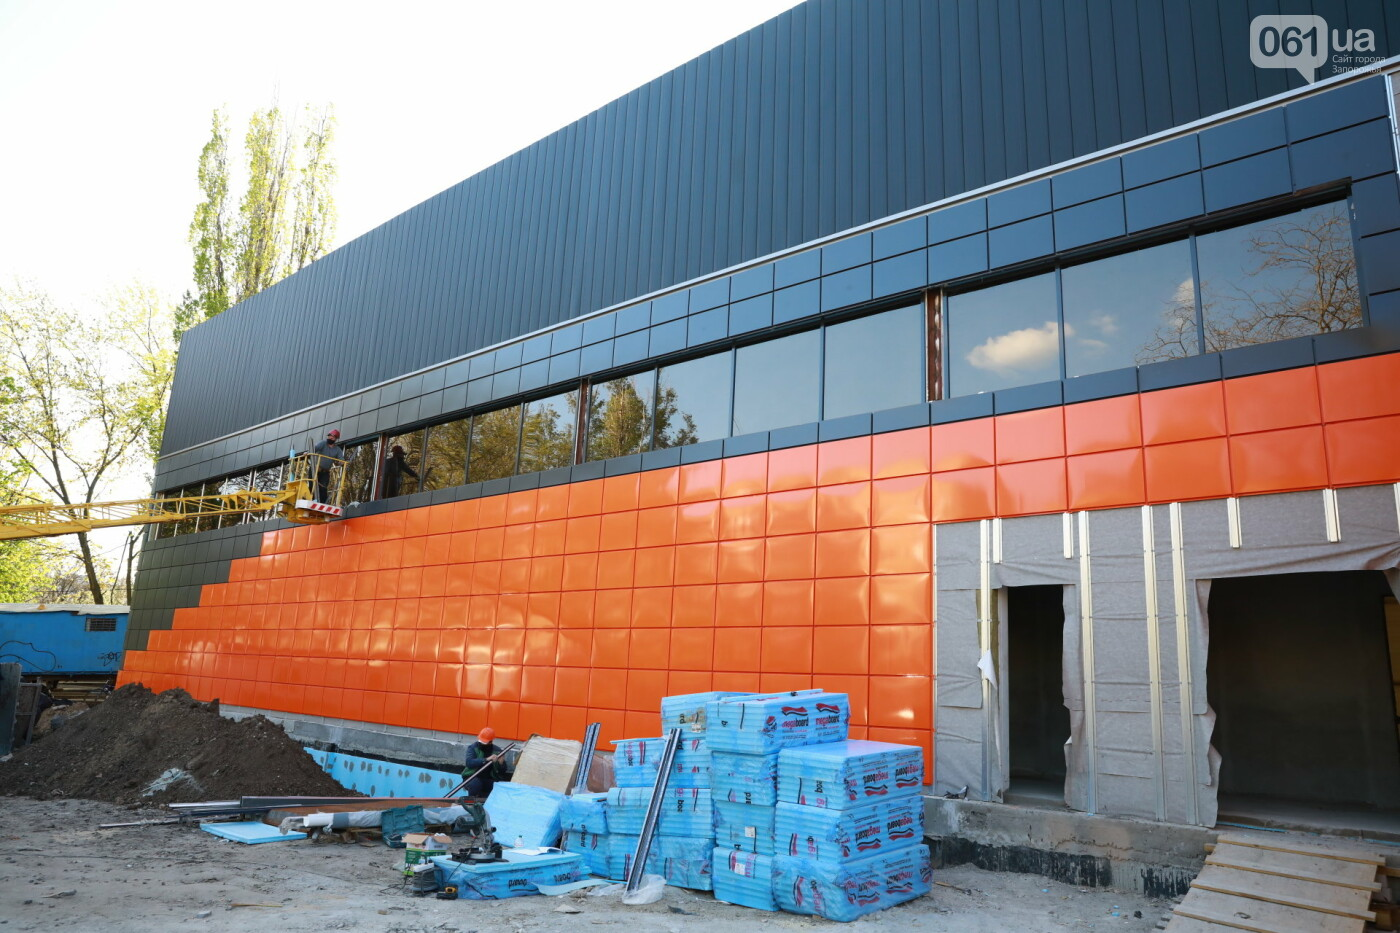 В Мелитополе полным ходом идет строительство водно-спортивного комплекса на 78 миллионов, - ФОТО, фото-9